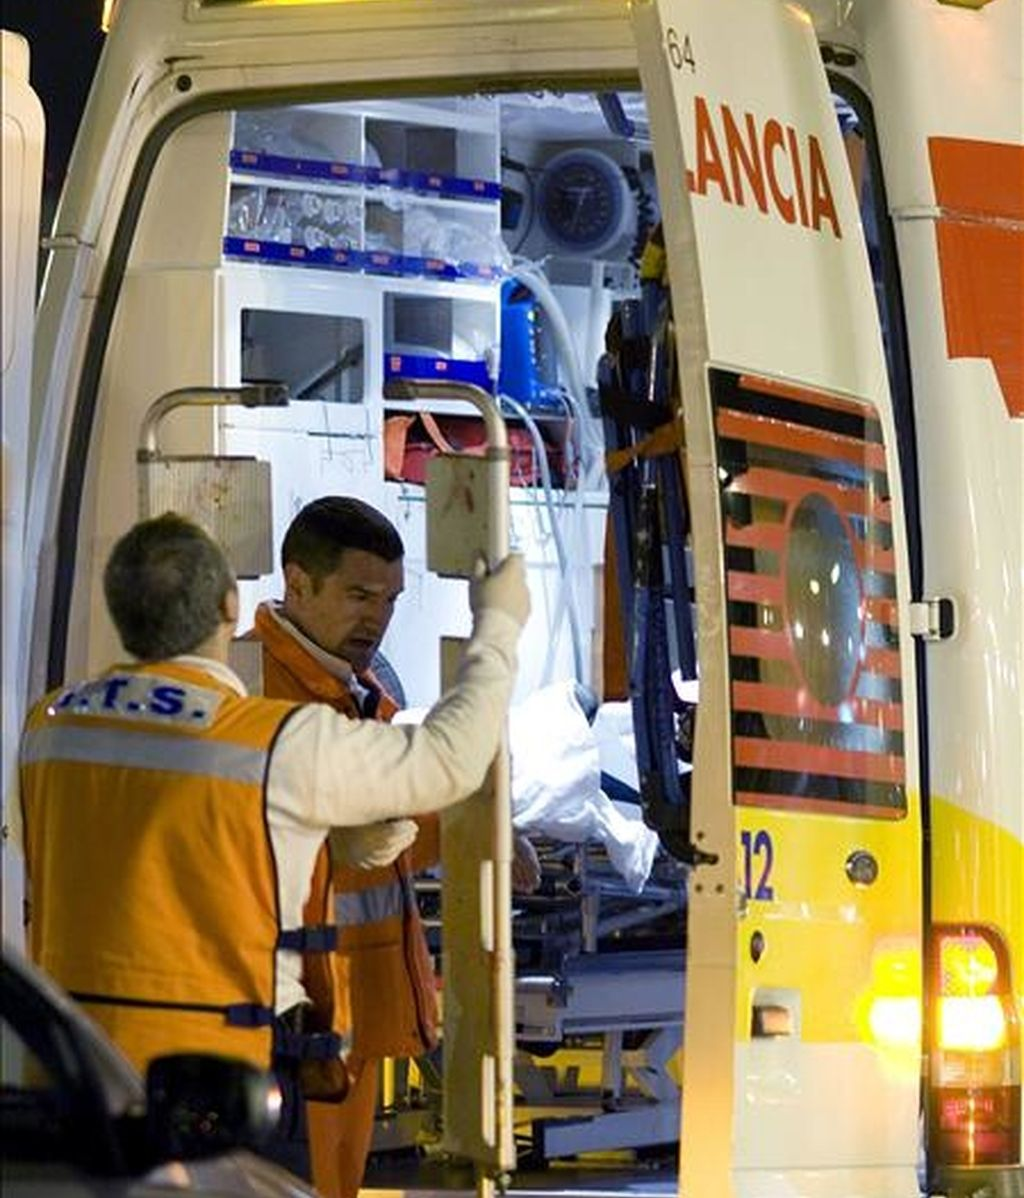 Una ambulancia traslada a un herido. EFE/Archivo